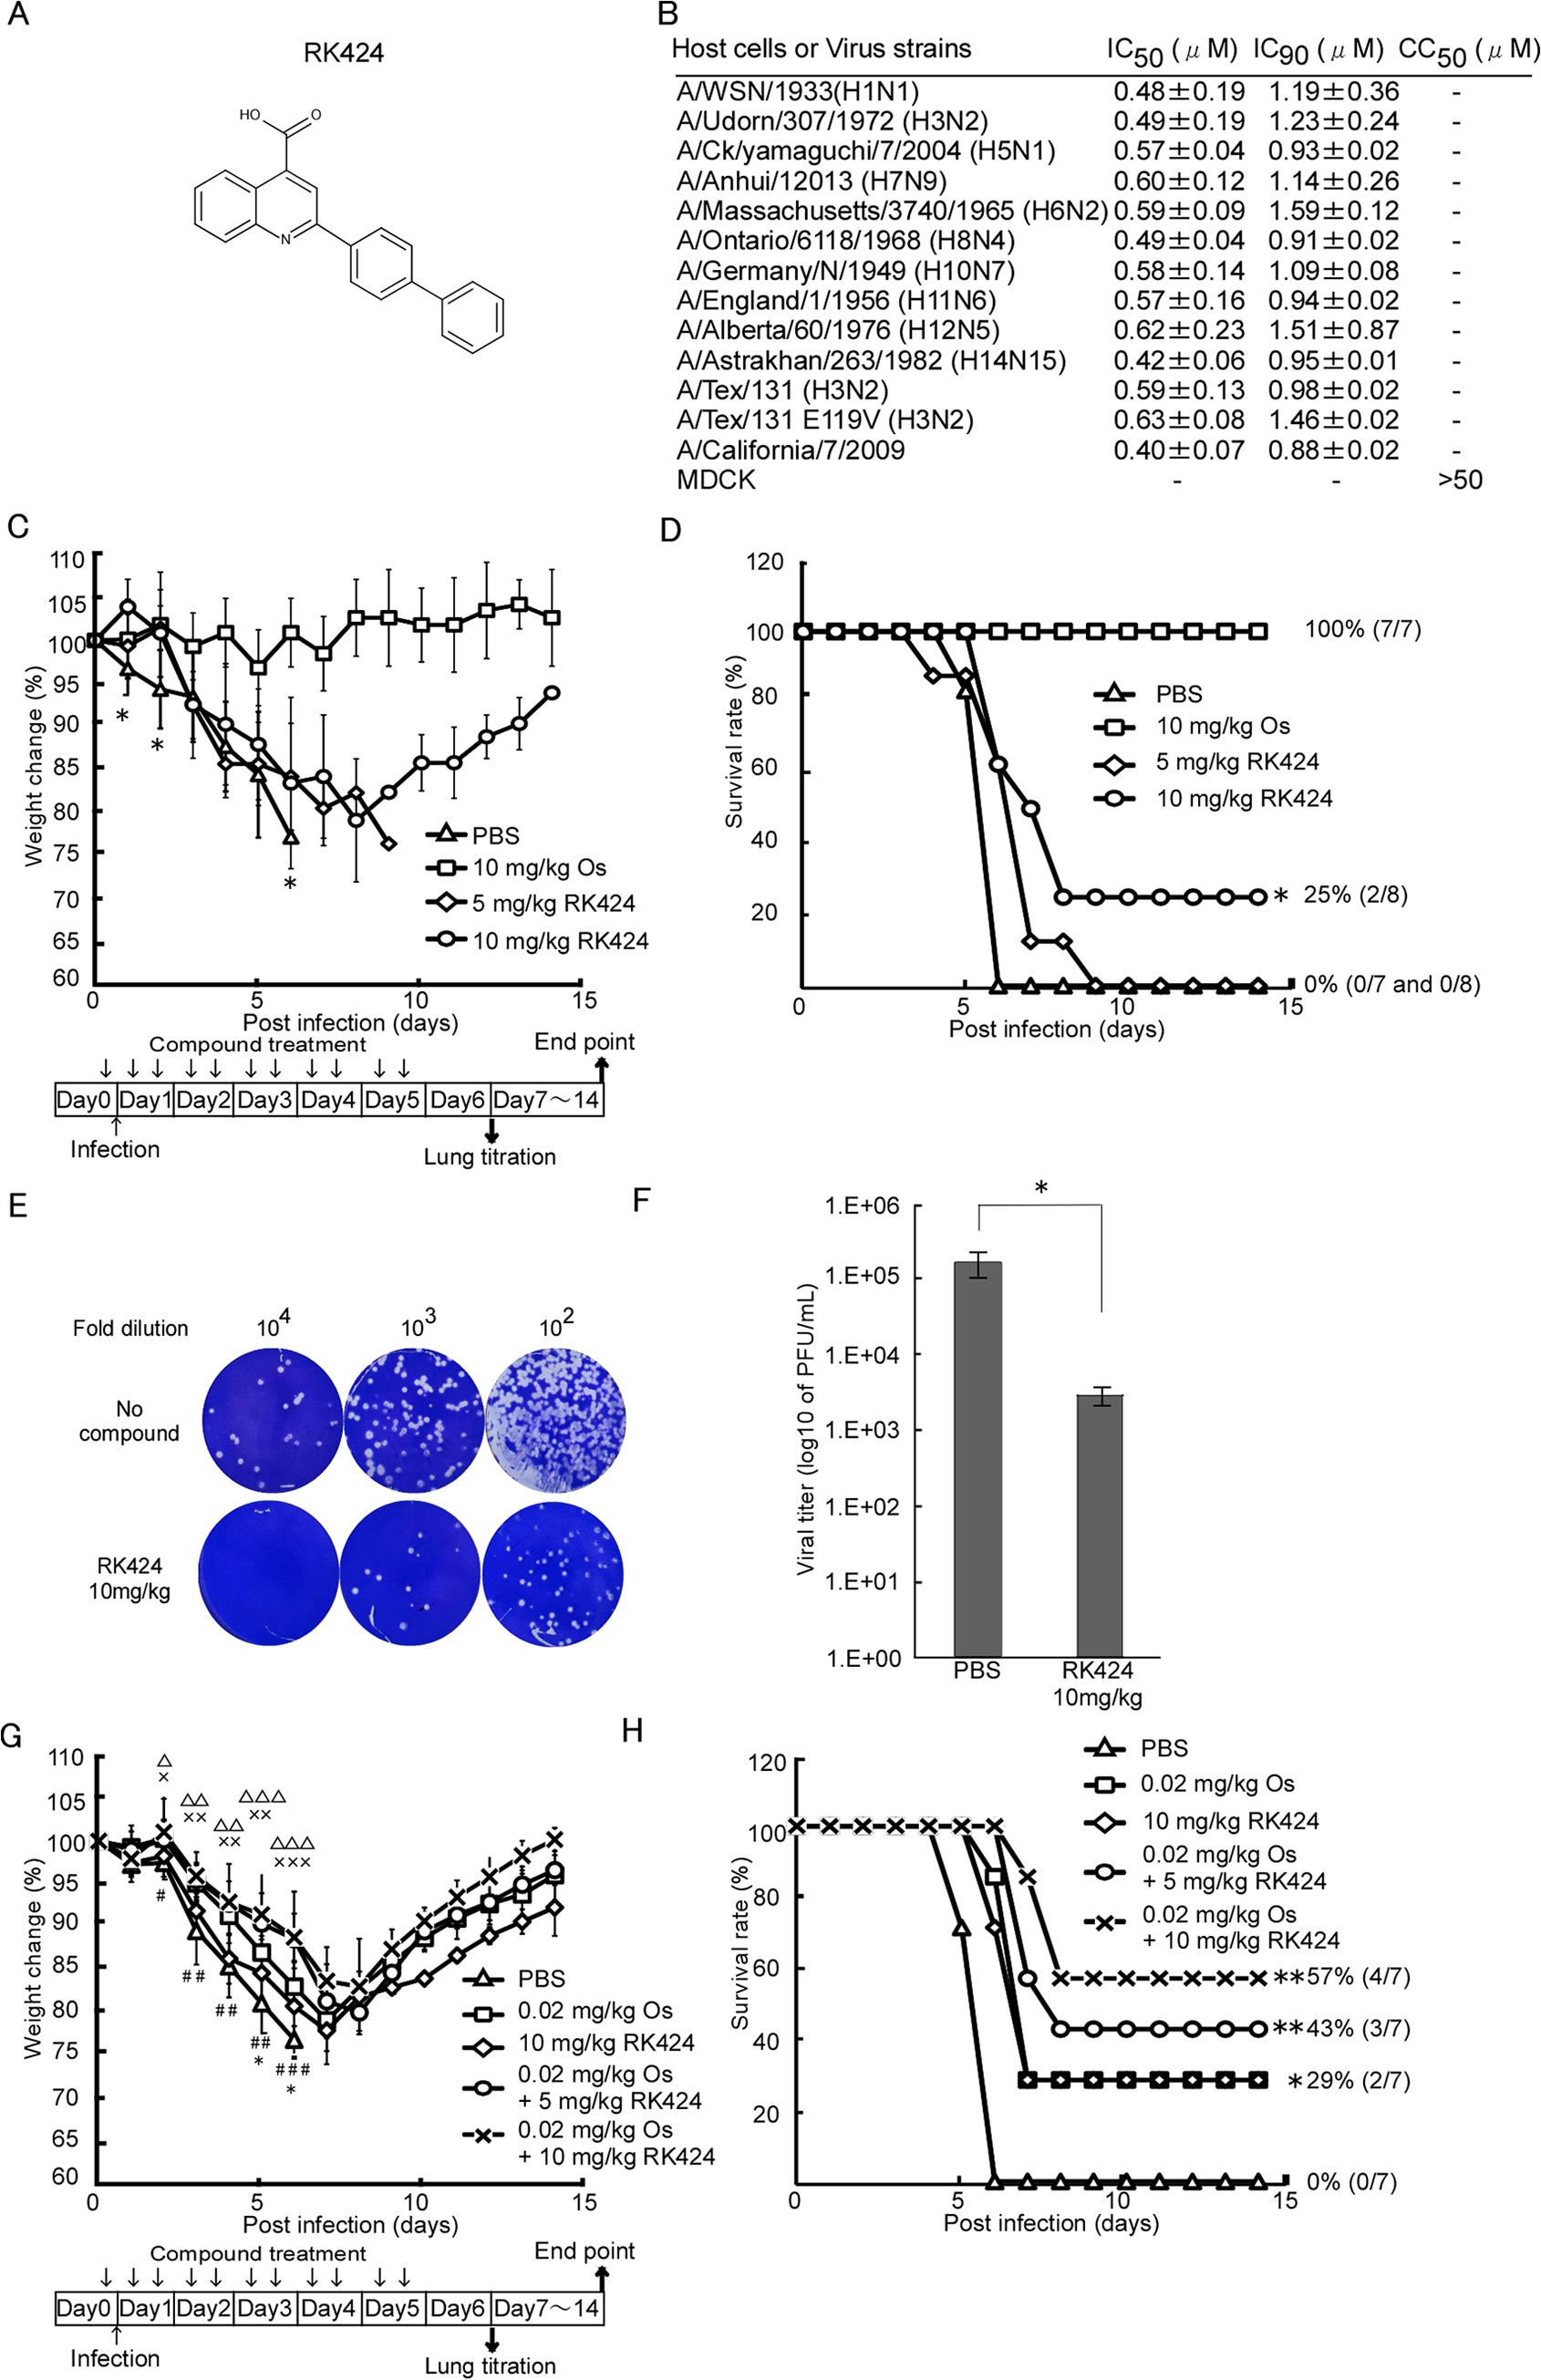 RK424 shows antiviral activity both <i>in vitro</i> and <i>in vivo</i>.